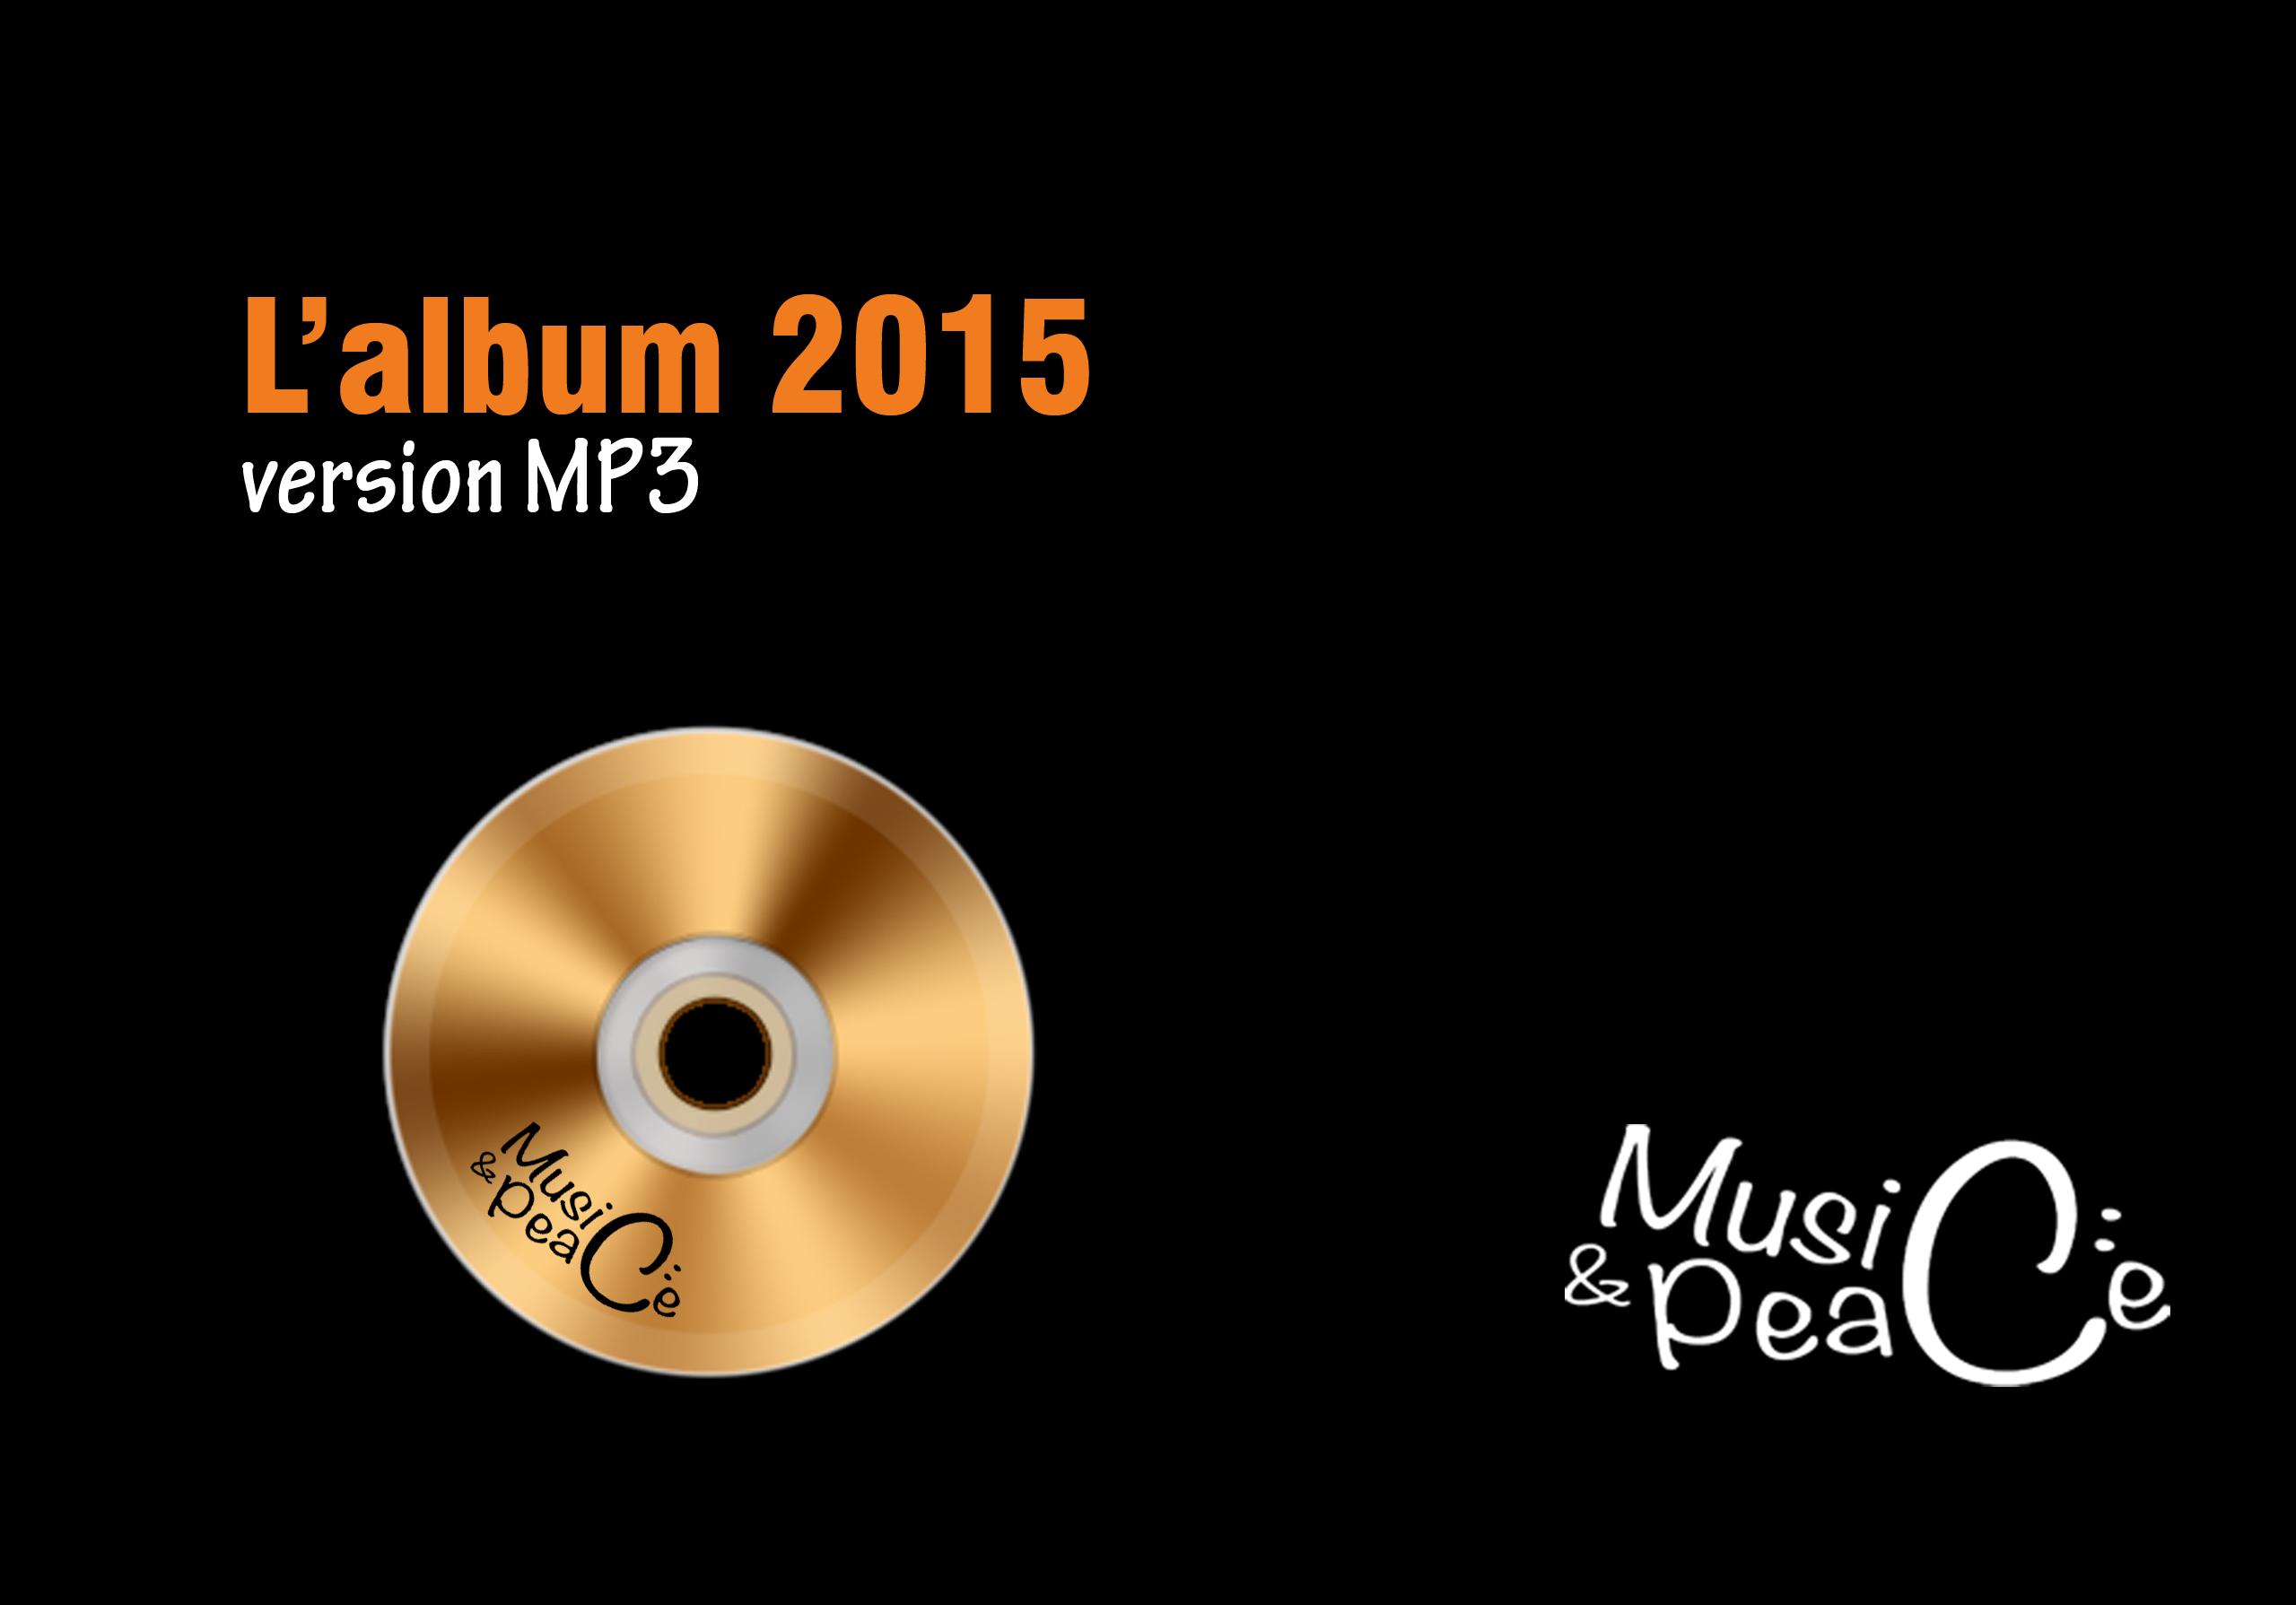 album_MP3-1422455687.jpg